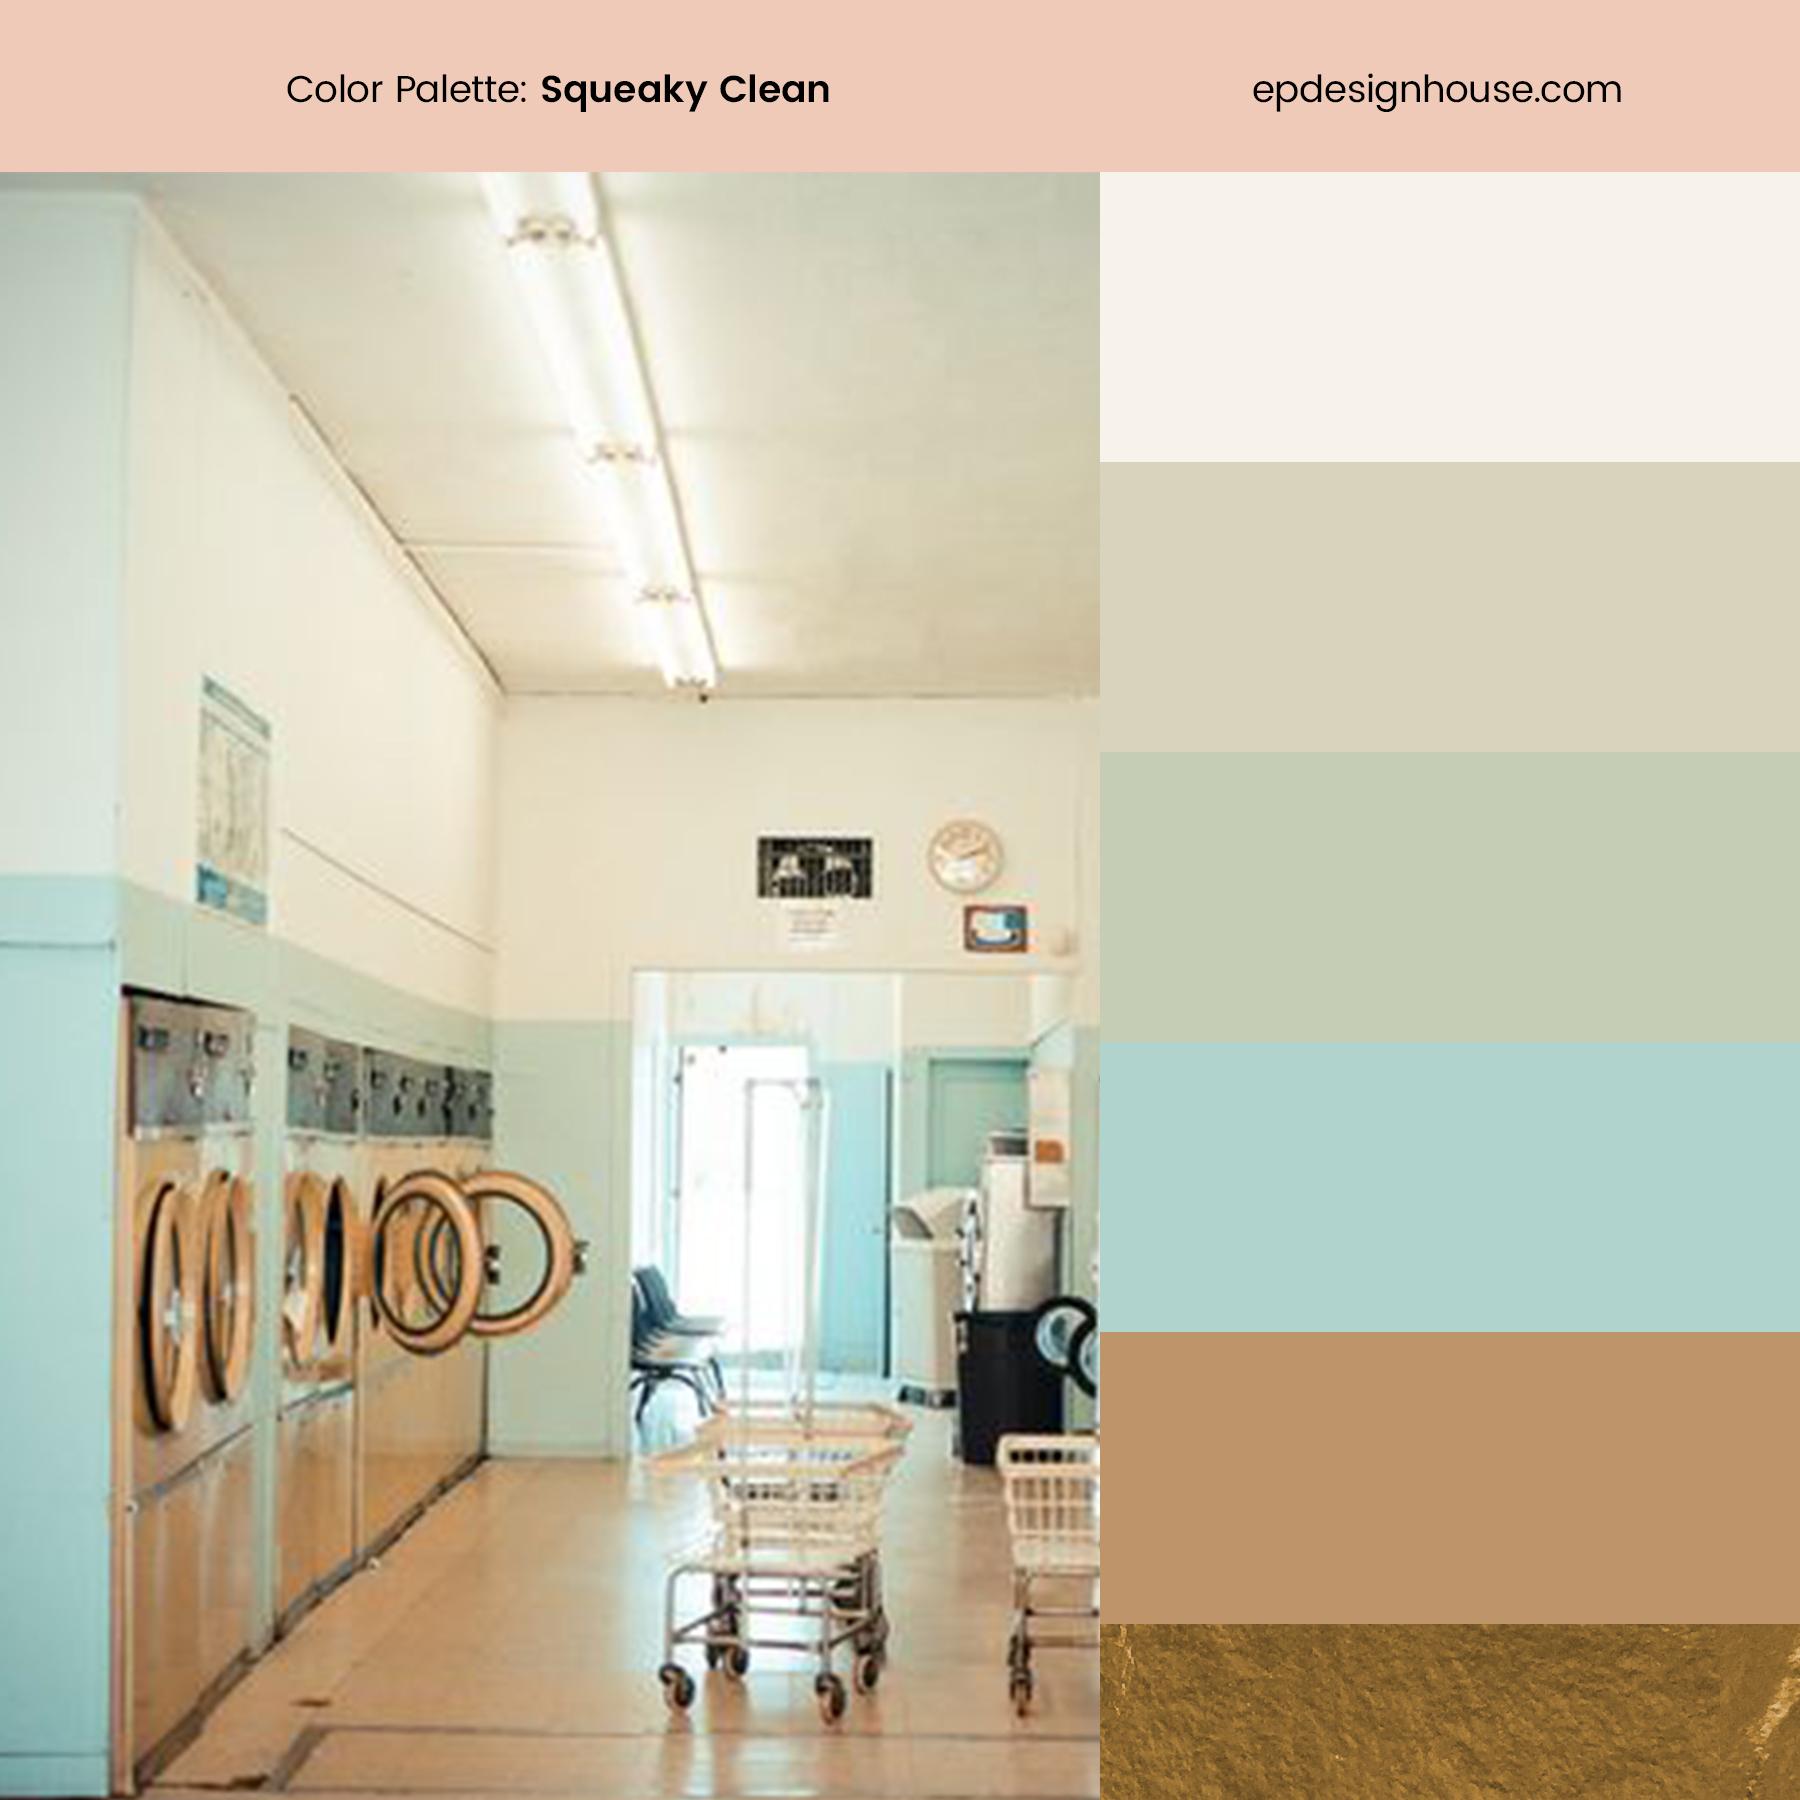 ColorPalette_SqueakyClean.jpg